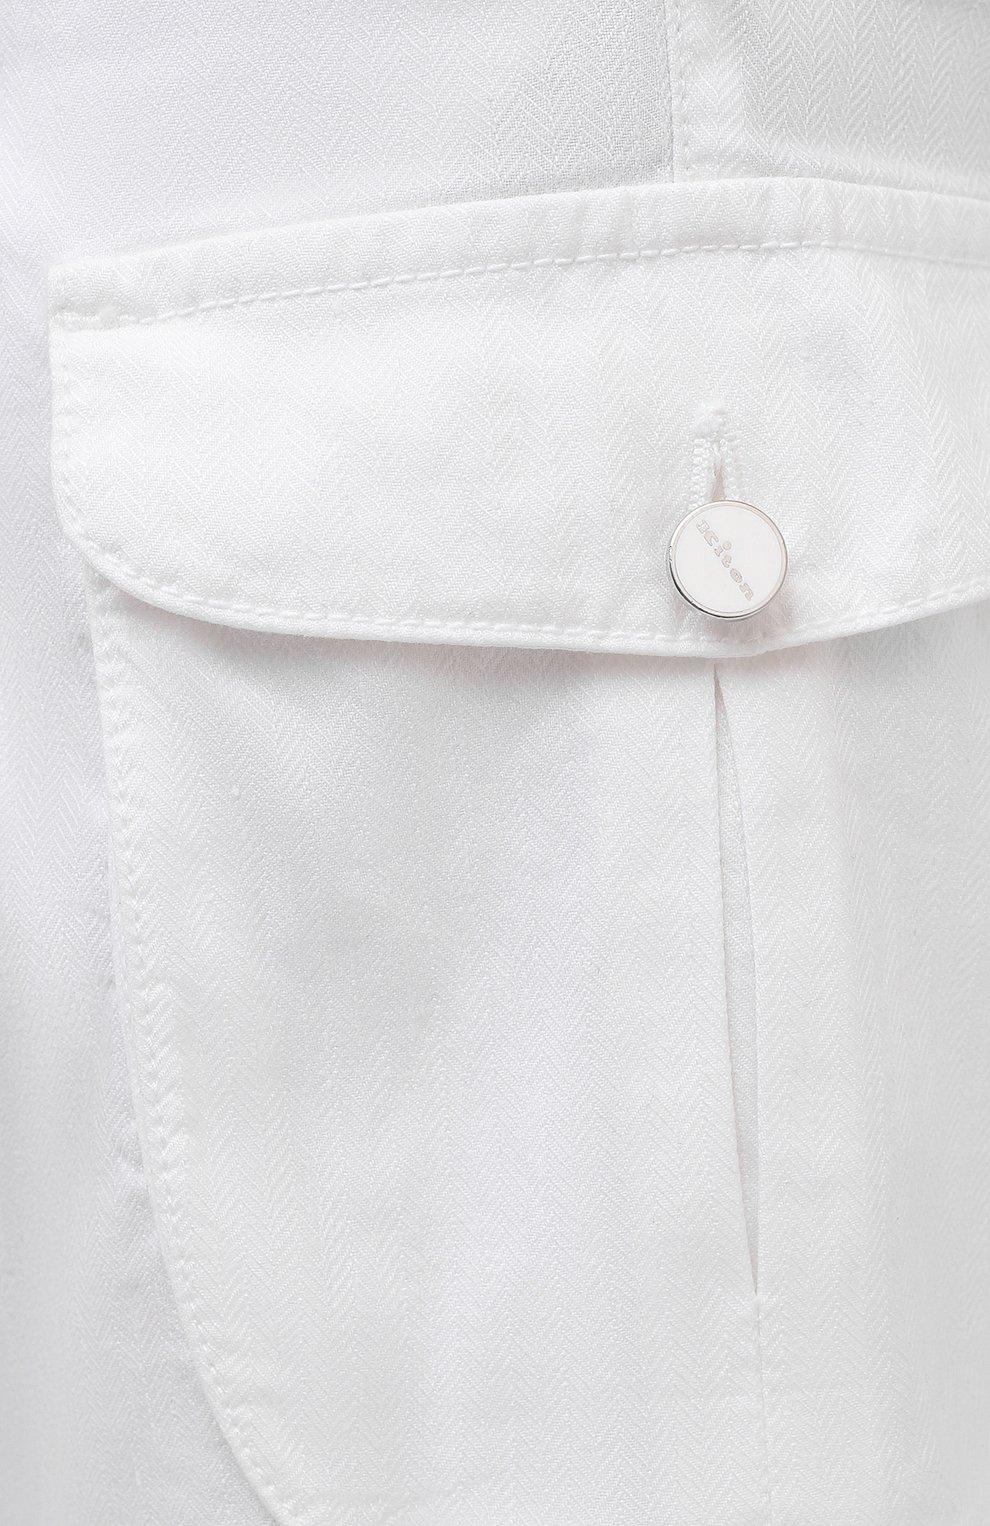 Мужские шорты изо льна и хлопка KITON белого цвета, арт. UFPPBJ07T44   Фото 5 (Мужское Кросс-КТ: Шорты-одежда; Длина Шорты М: До колена; Принт: Без принта; Материал внешний: Хлопок, Лен; Стили: Кэжуэл)